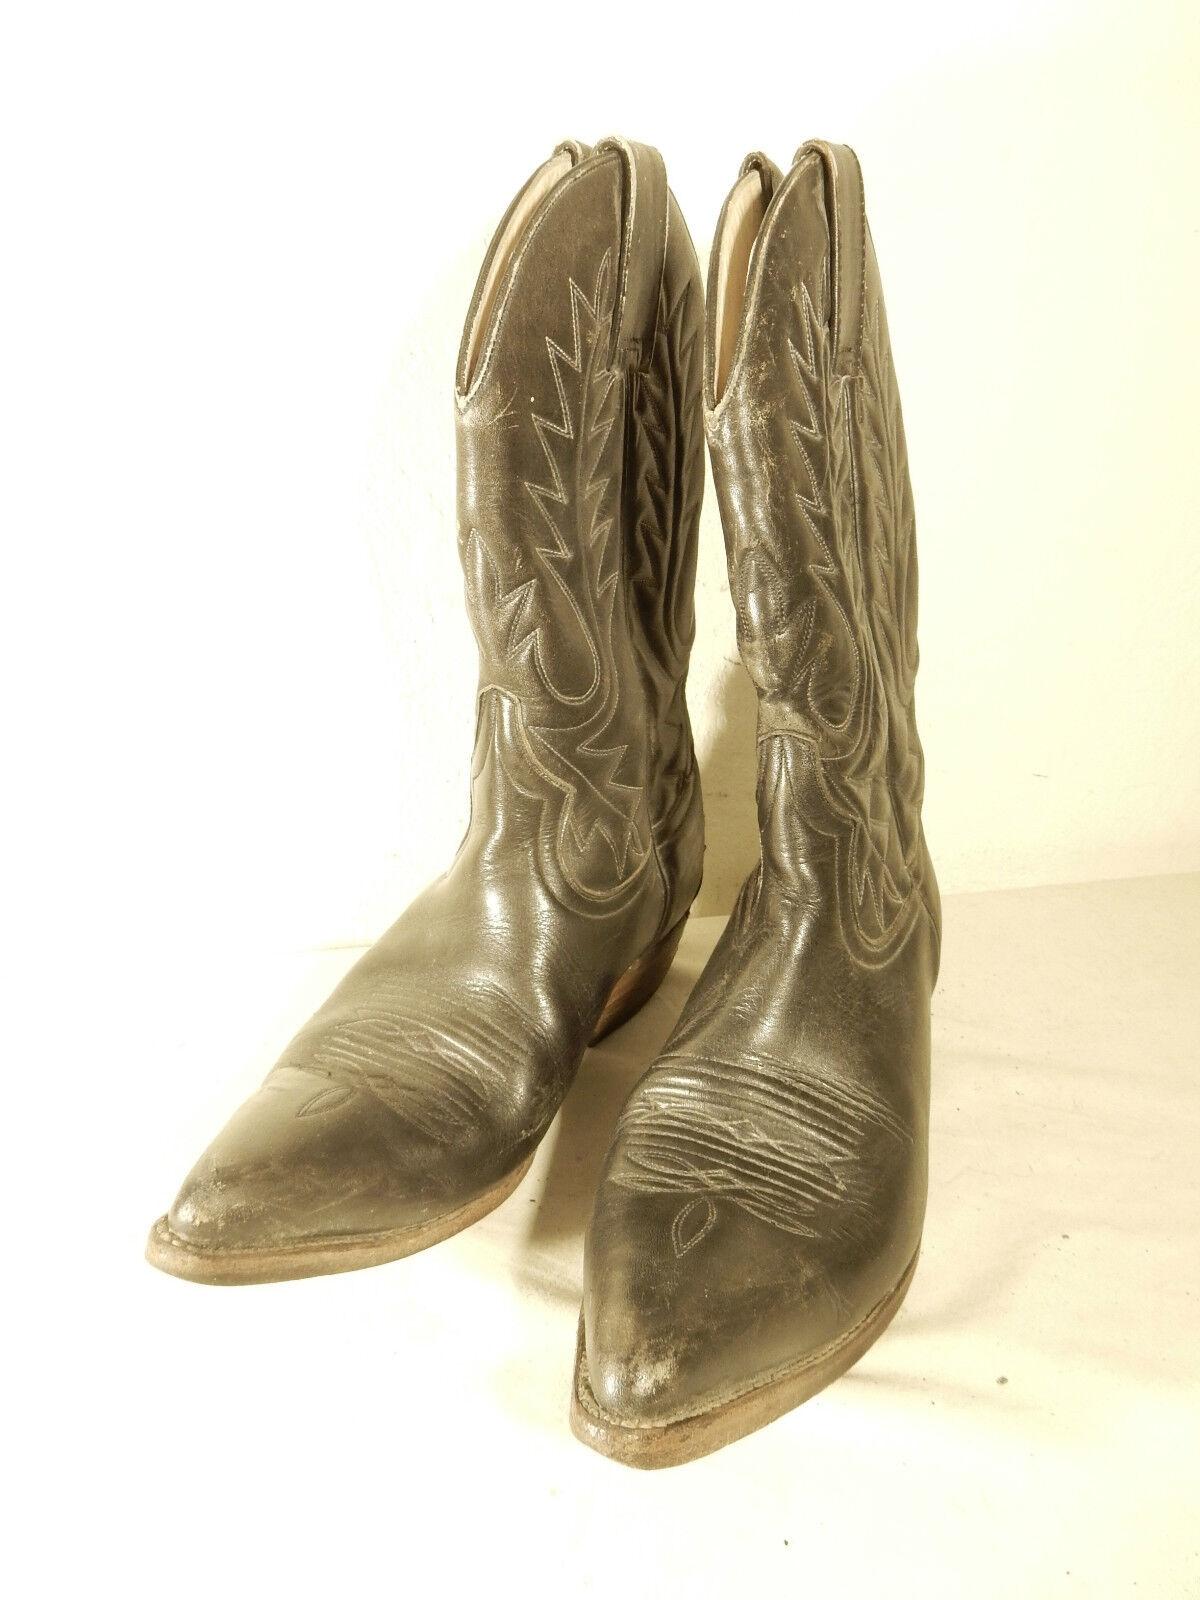 Destroyer bottes De Cowboy Bocas de calidadl bottes T 36 noir Cuir Semelle en Cuir